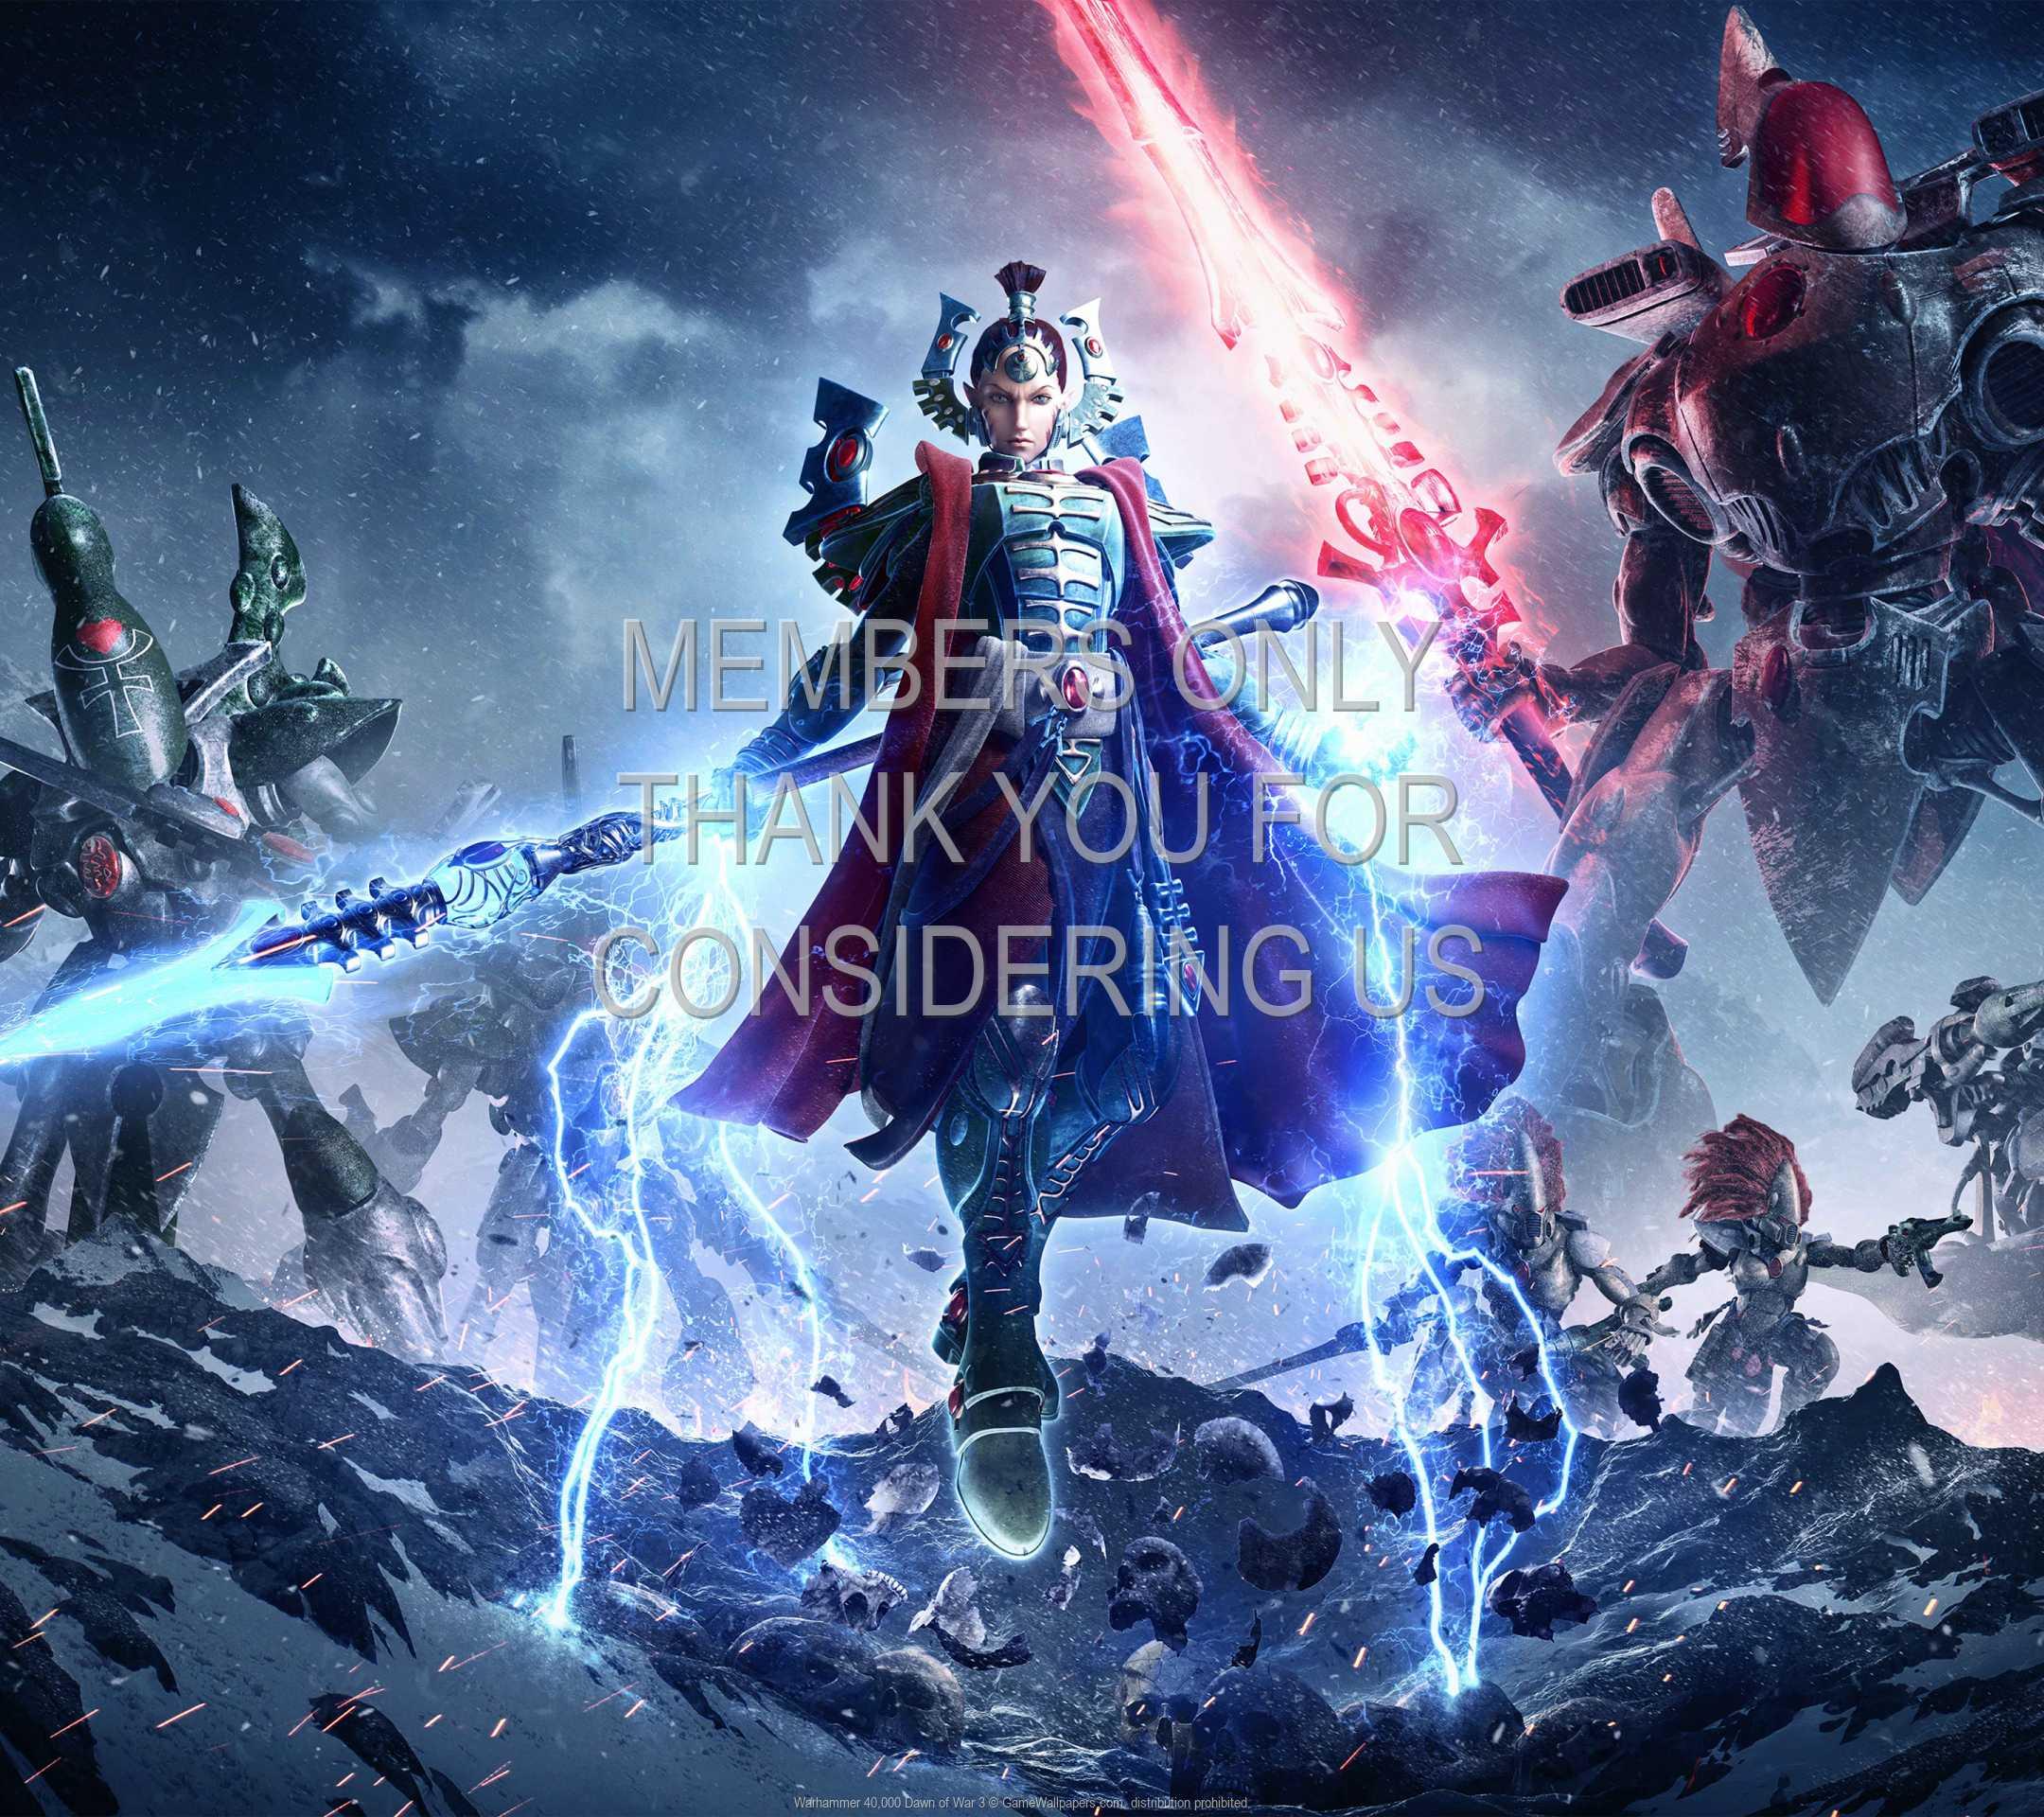 Warhammer 40,000: Dawn of War 3 1080p Horizontal Handy Hintergrundbild 03